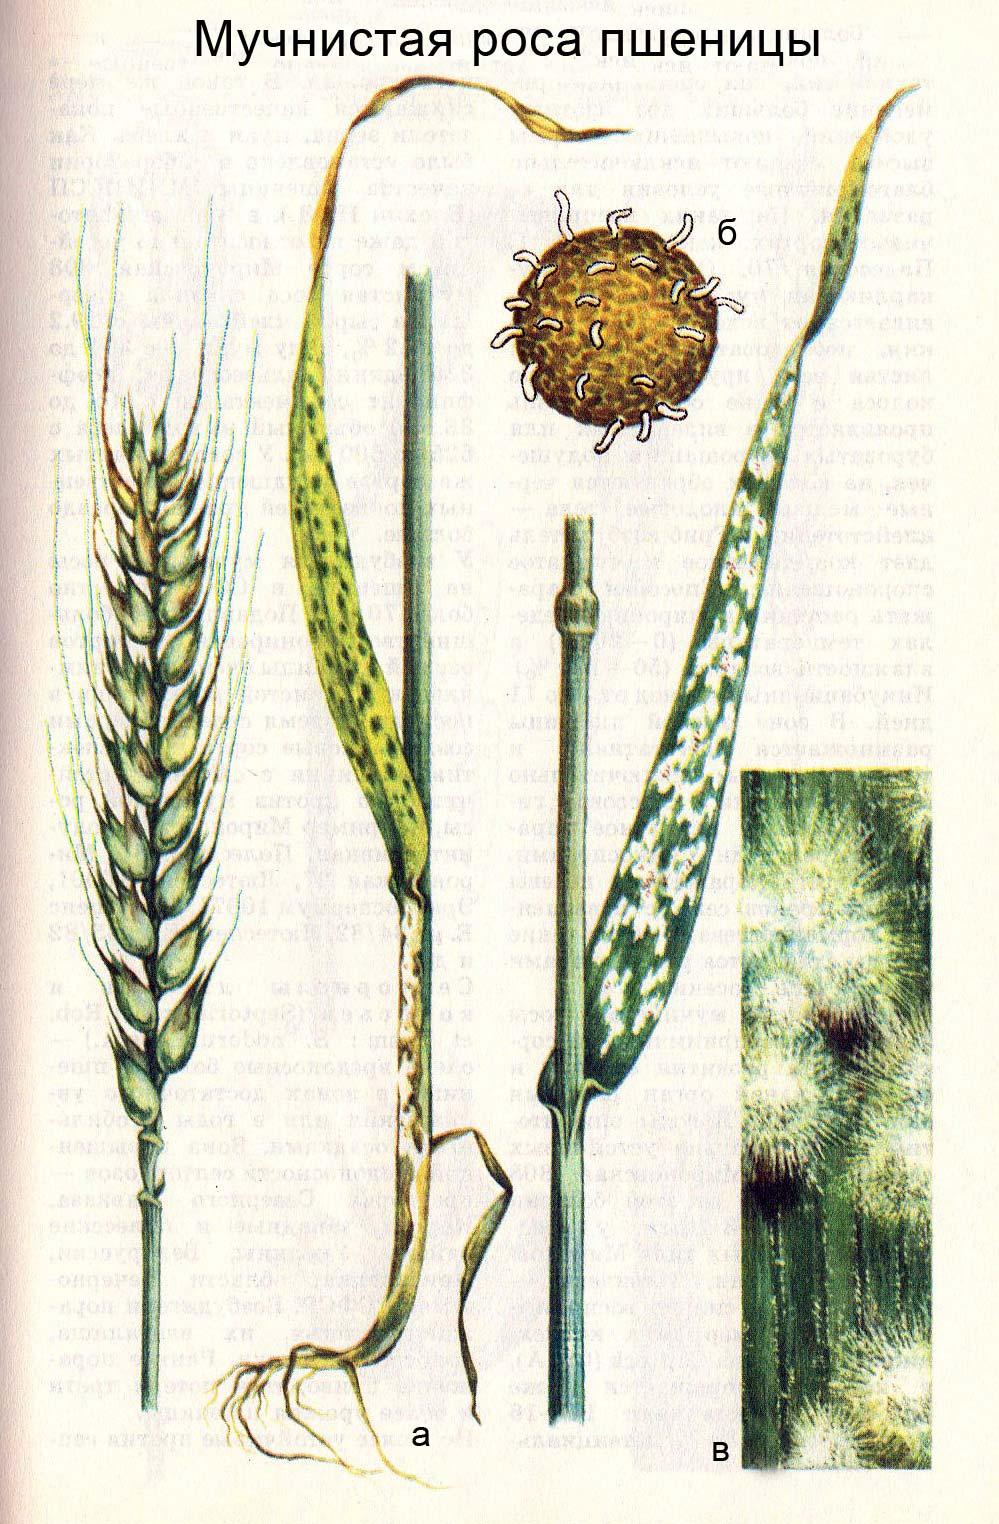 Мучнистая роса пшеницы: а) пораженные листья, их влагалища, колос; б) клейстотеций; в) увеличенное конидиальное спороношение гриба